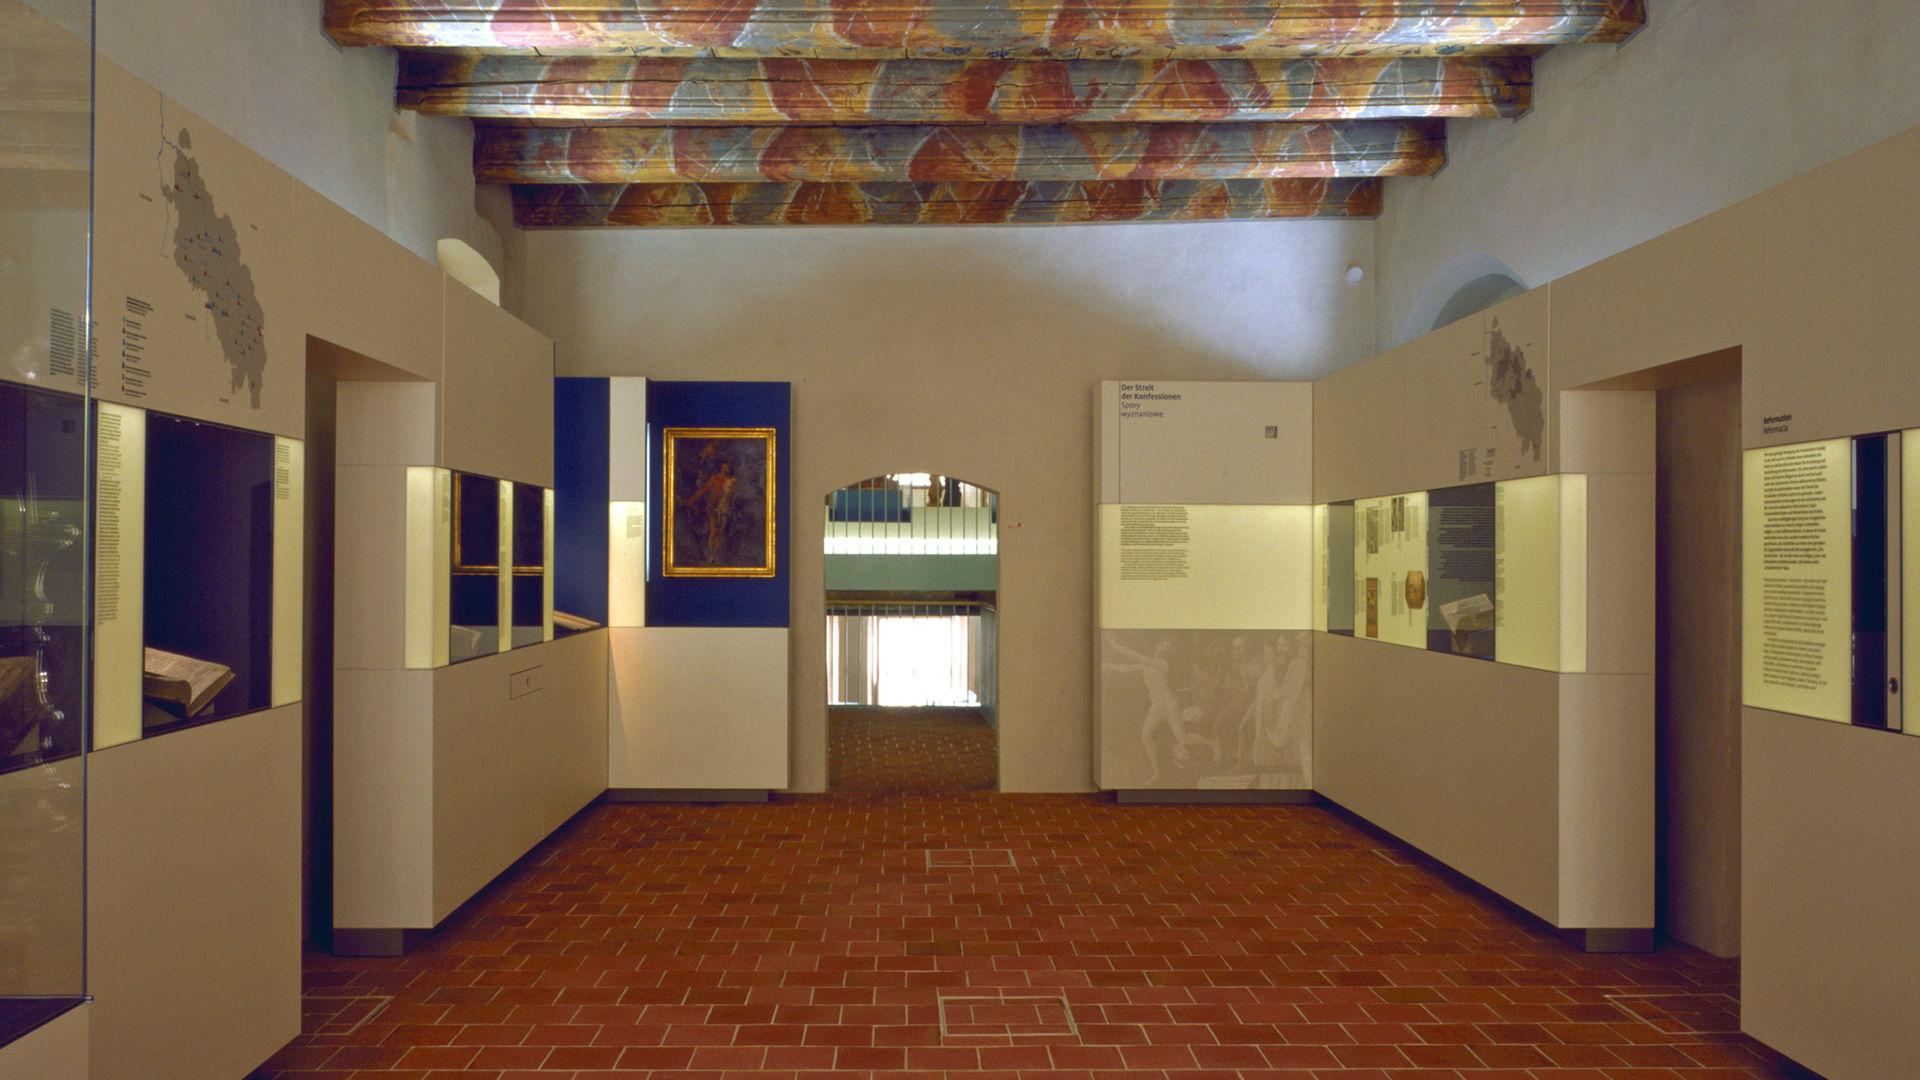 schlesisches museum zu g rlitz oberlausitz dampfbahn